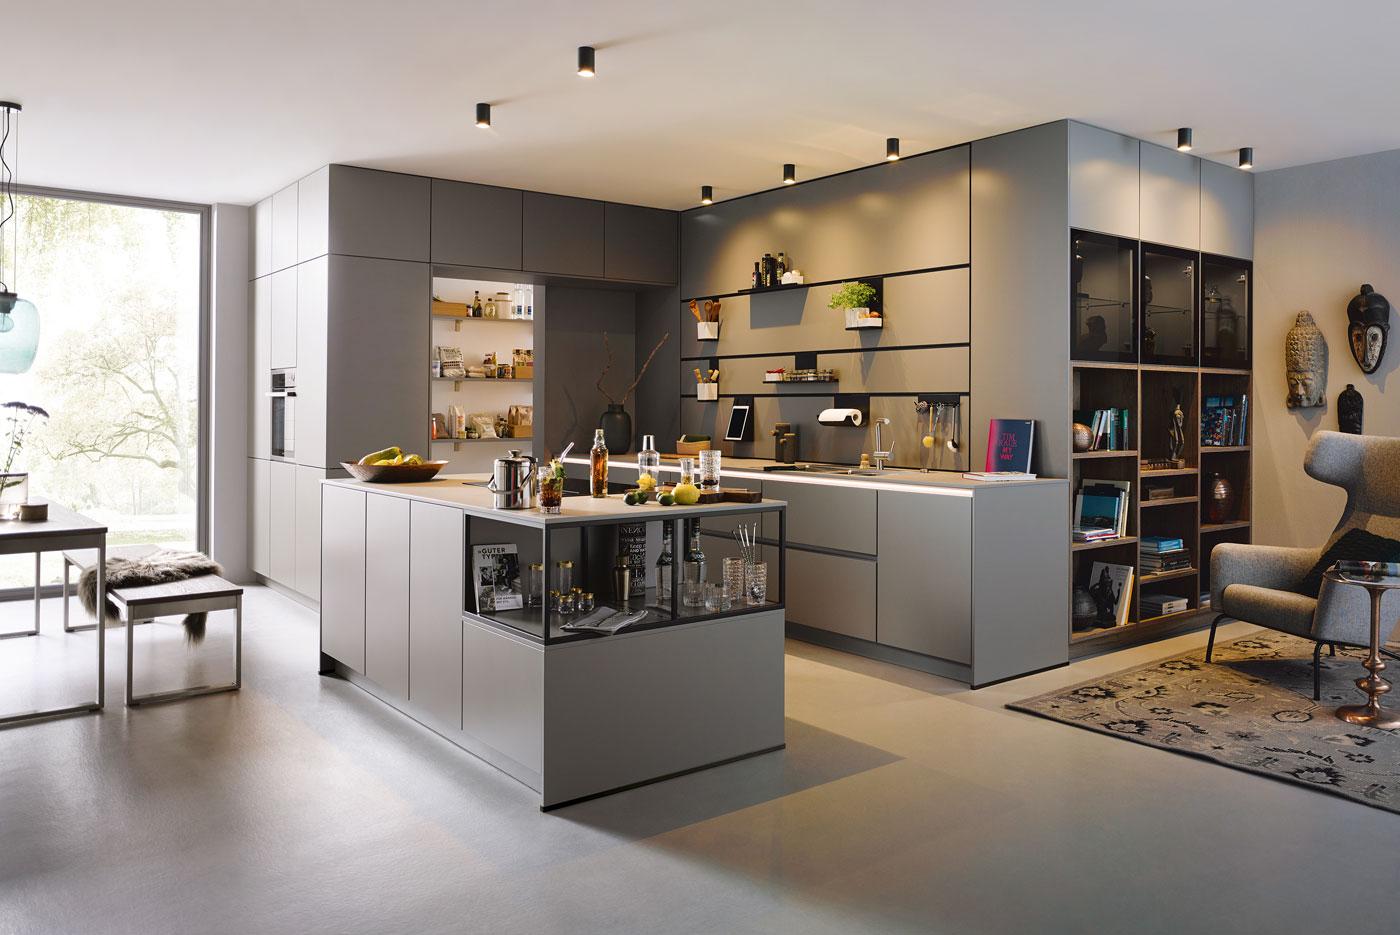 Stengele - Die Meistermöbel   Küchen in Perfektion   Küchen in ...